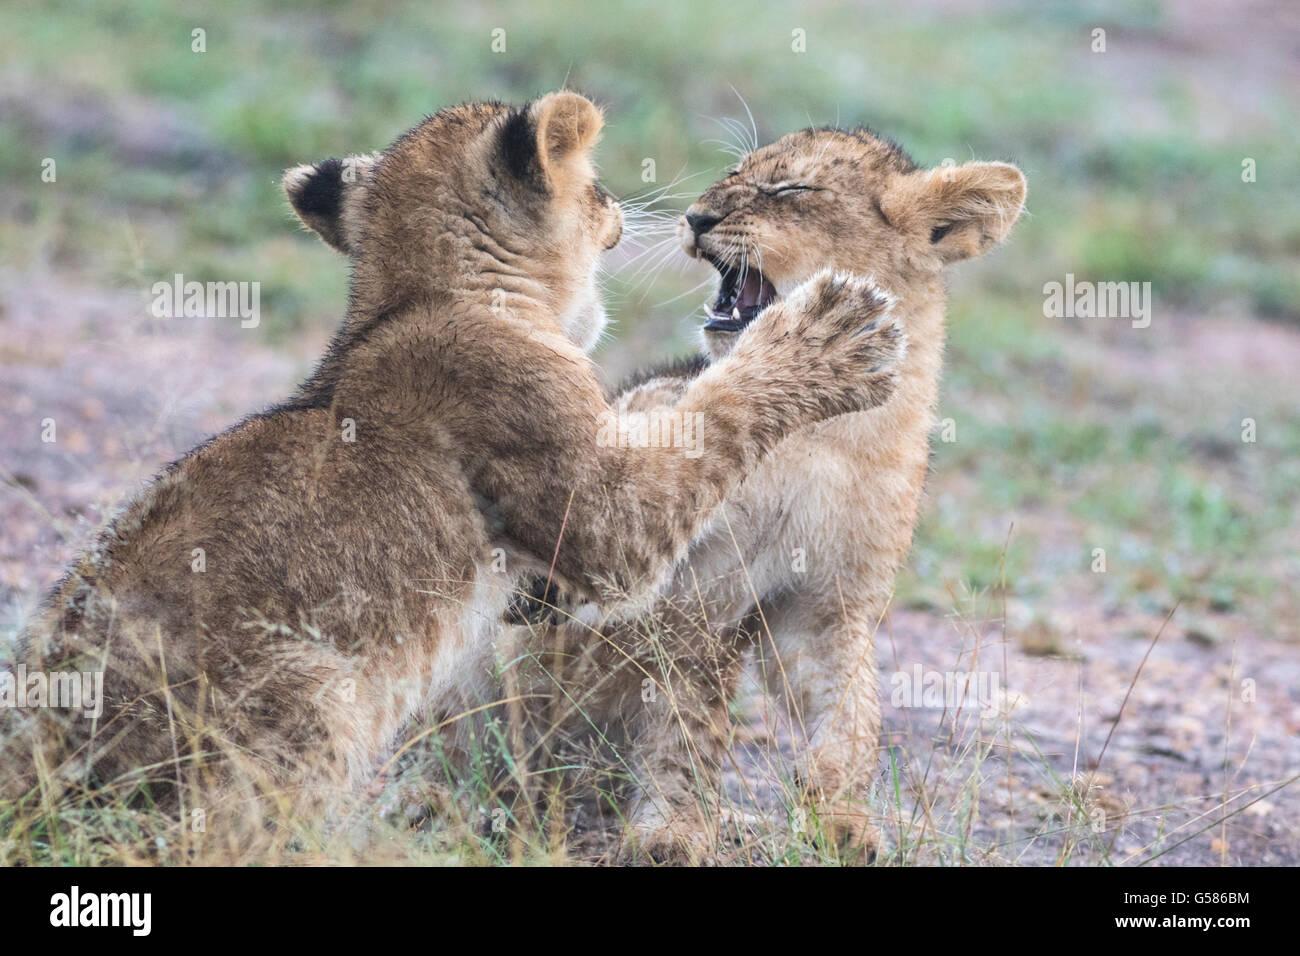 Due lion cubs il combattimento o la riproduzione, il Masai Mara, Kenya, Africa Immagini Stock